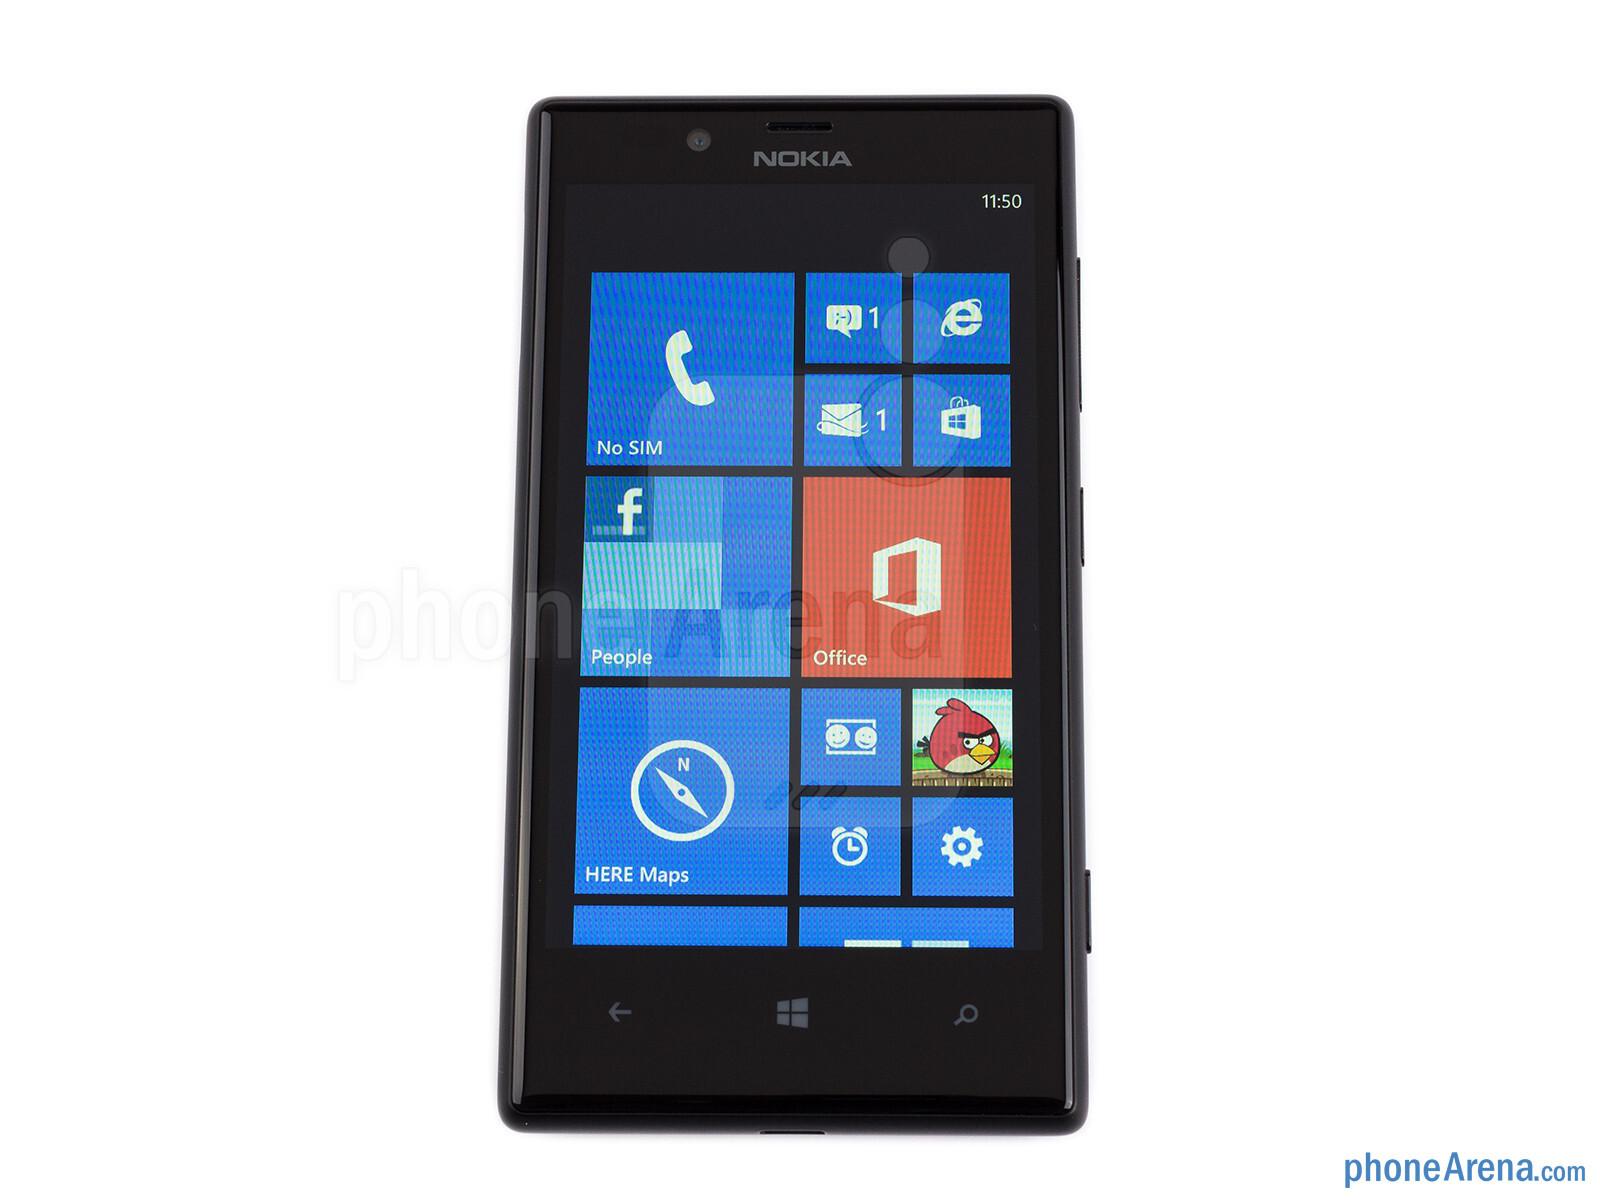 How to download free Skype for Nokia Lumia 920